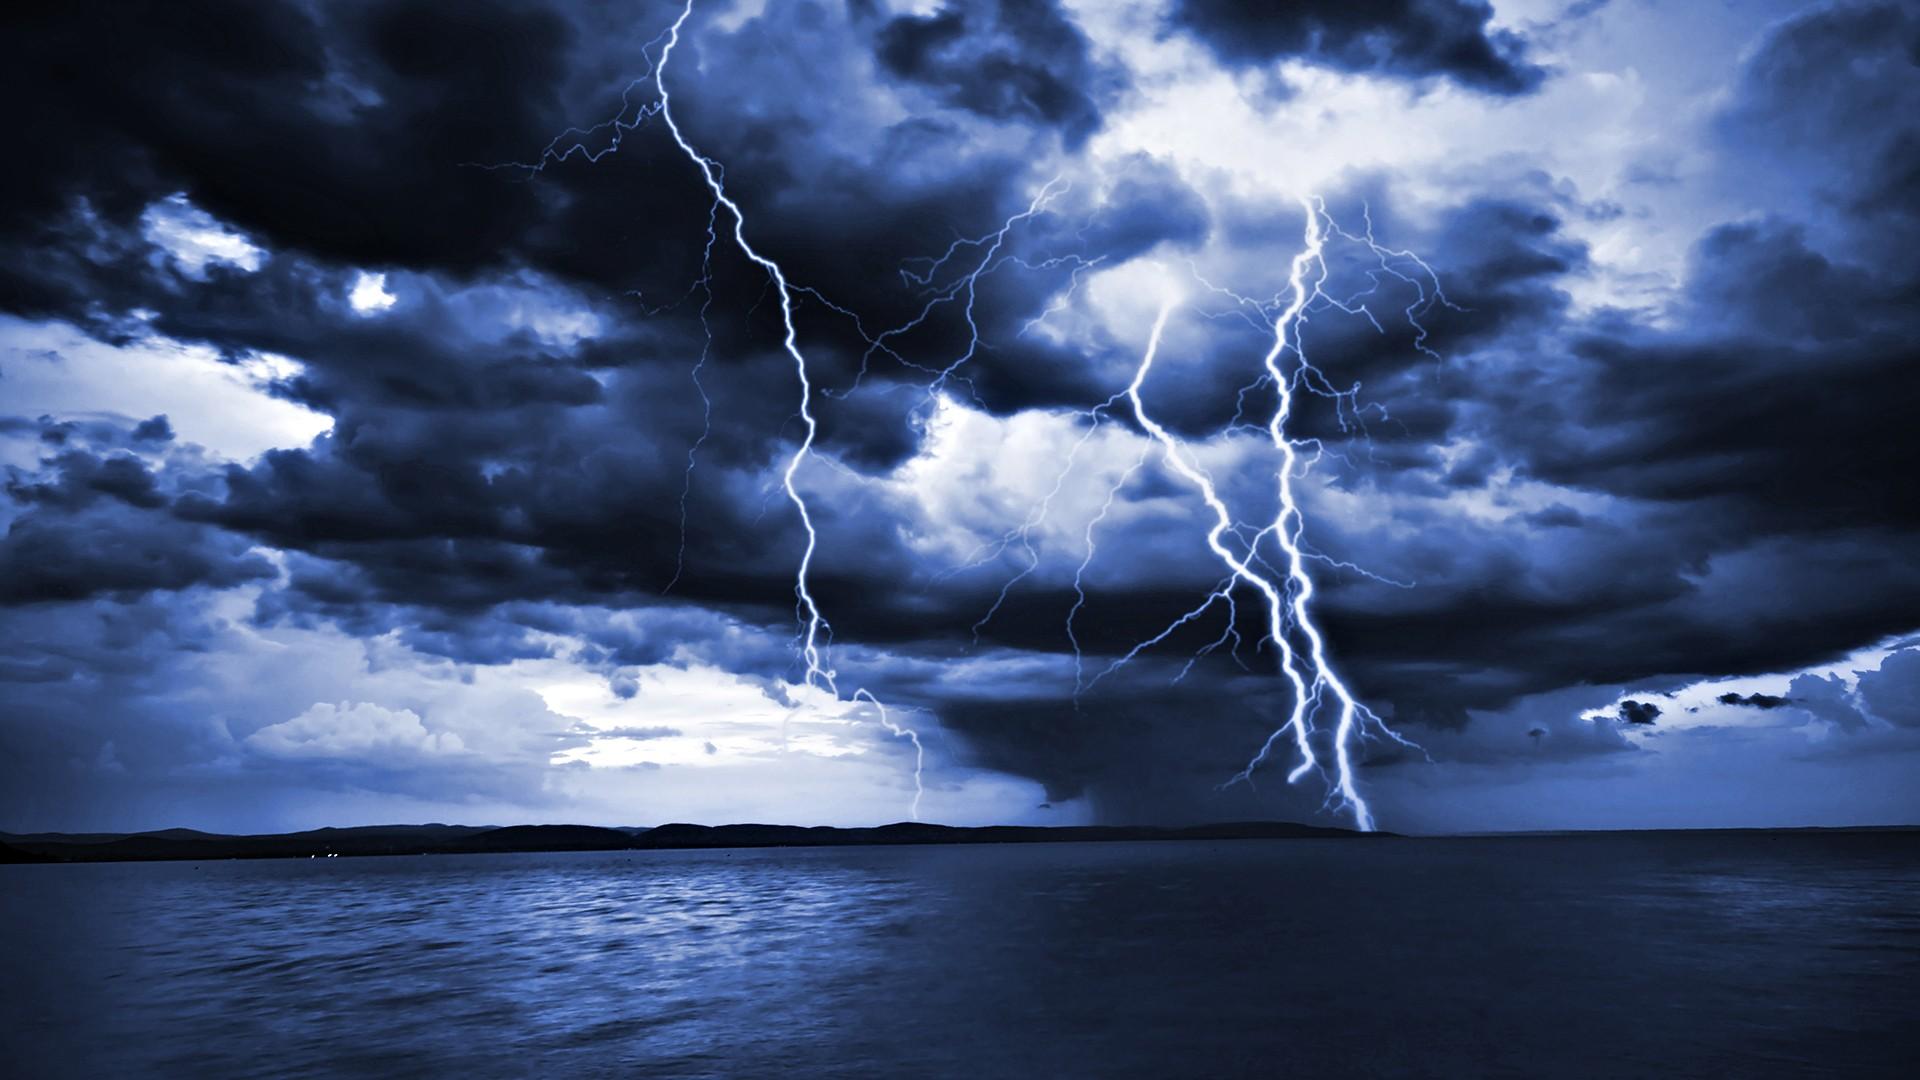 Thunderstorm Wallpaper 1920x1080 Wallpaper storm high 1920x1080